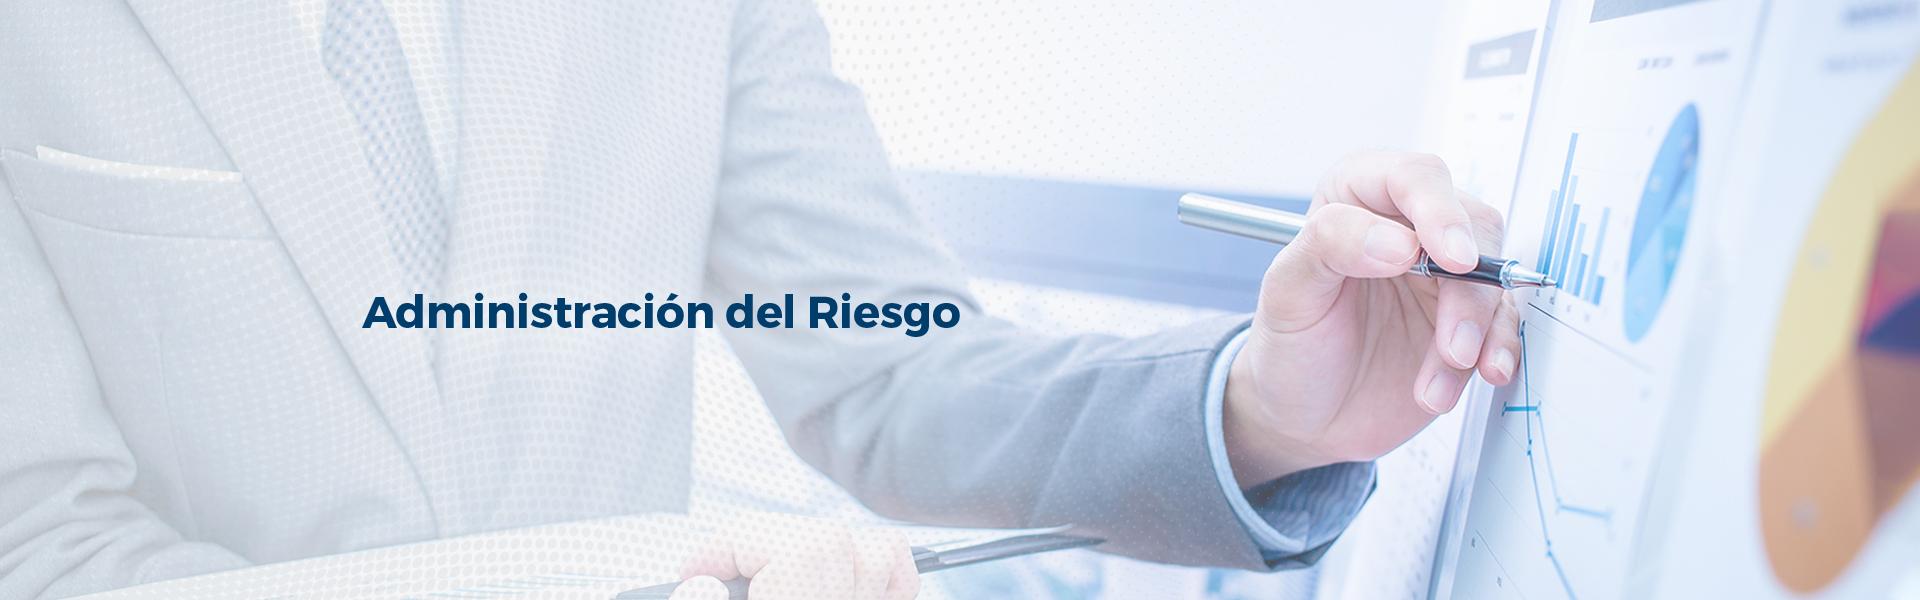 slide-administracion-del-riesgo